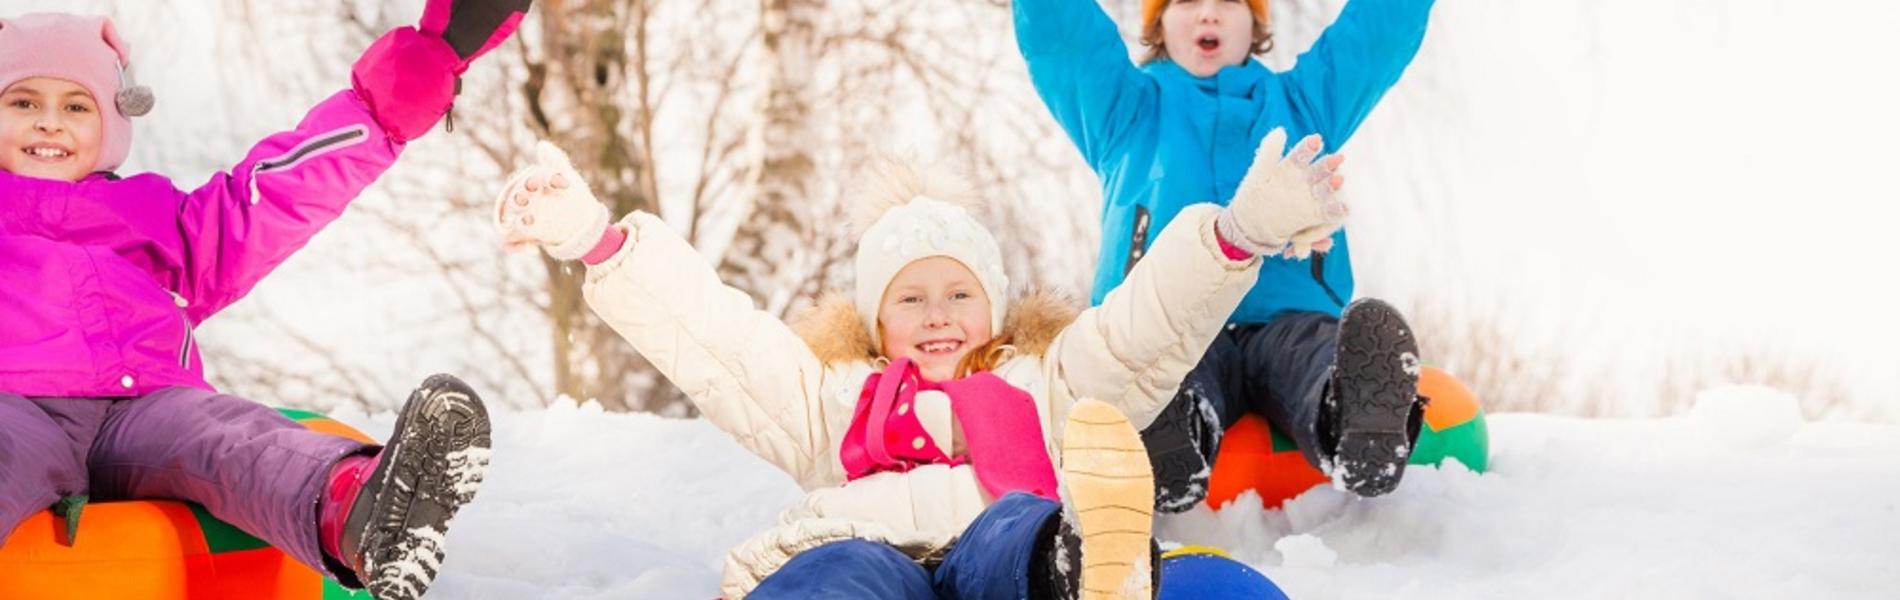 קיץ קר ומגניב: פעילויות ליולי-אוגוסט